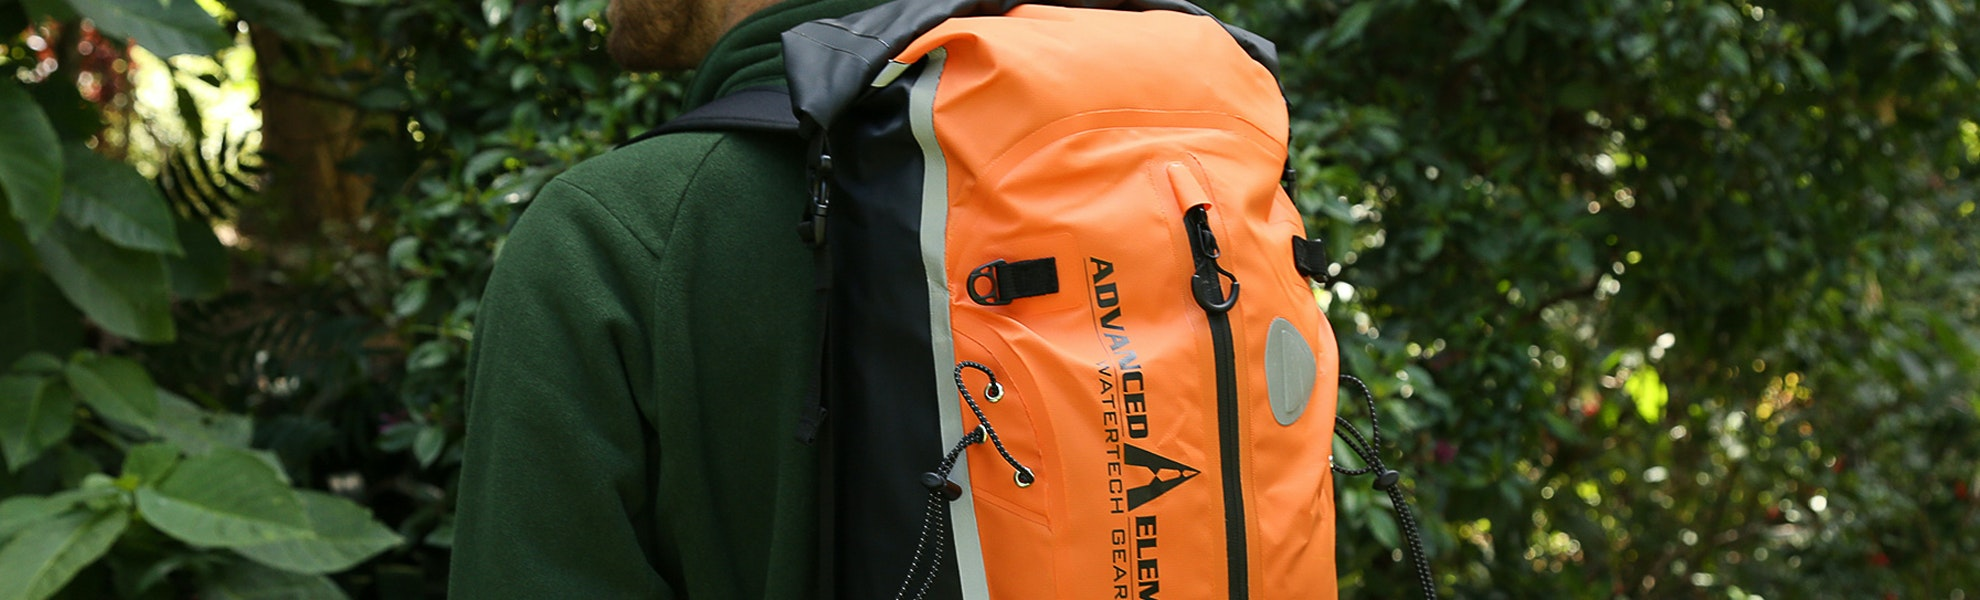 Advanced Elements Deep Six Waterproof 30L Pack